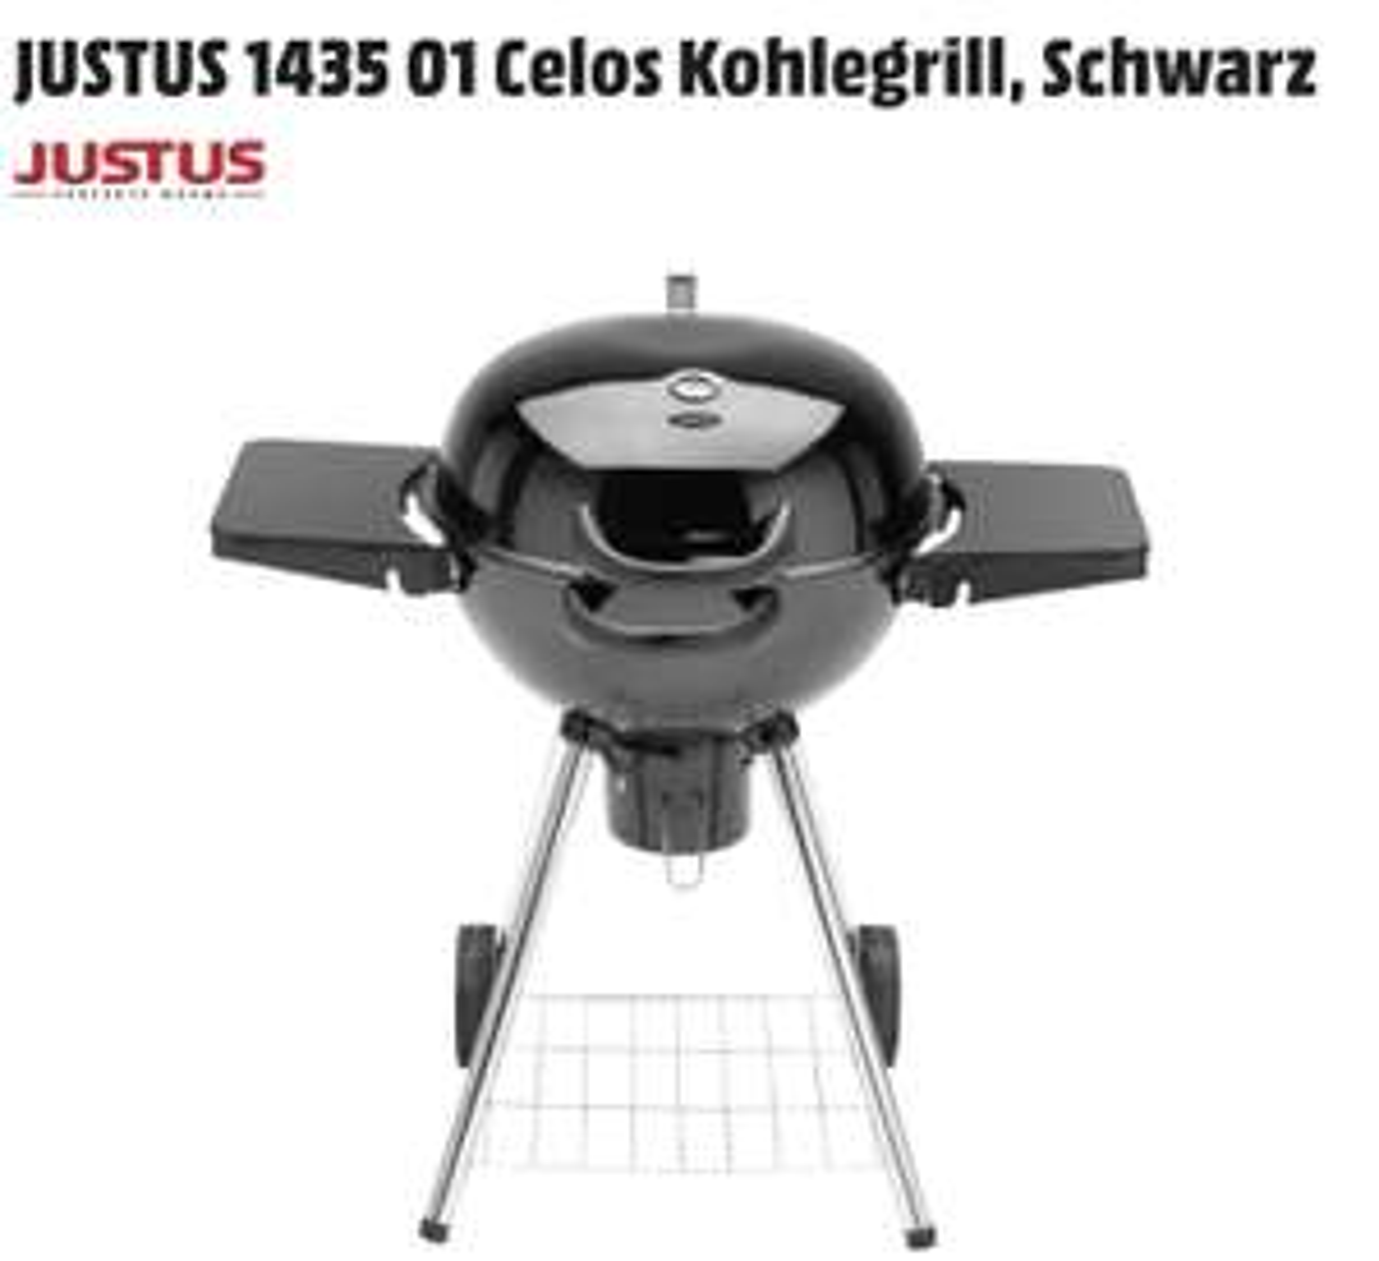 [MediaMarkt] JUSTUS 1435 01 Celos Kohlegrill, Schwarz. Grillfläche 57 cm Durchmesser; Thermometer. Inkl. VERSANDKOSTEN